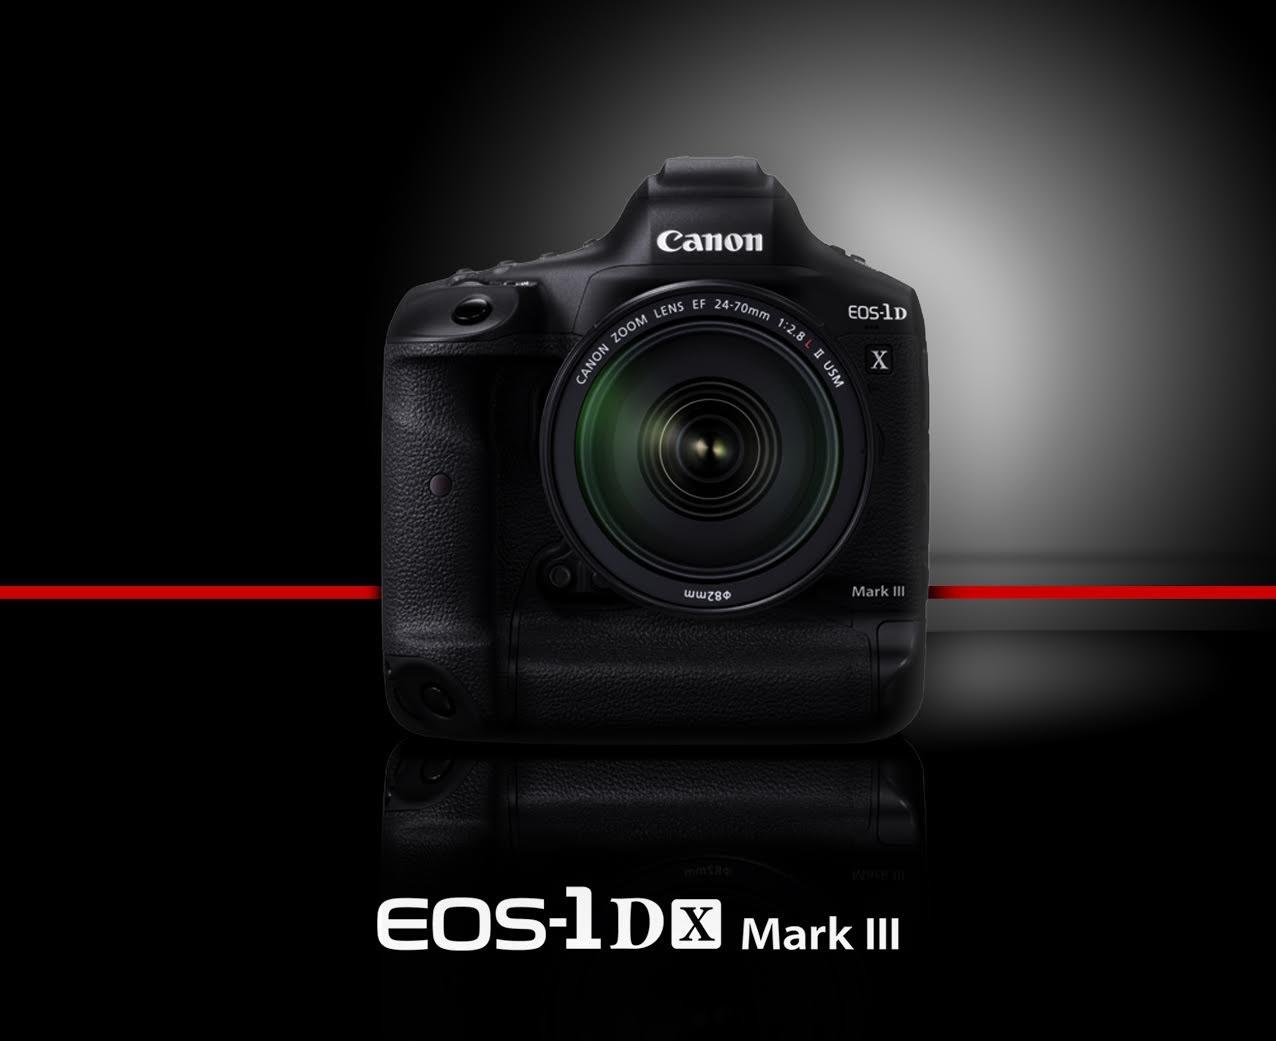 照片中提到了Canon、EOS-lD、Mark III,跟佳能EOS 5D有關,包含了鏡頭、數碼單反、佳能EOS-1D X Mark II、鏡頭、相機